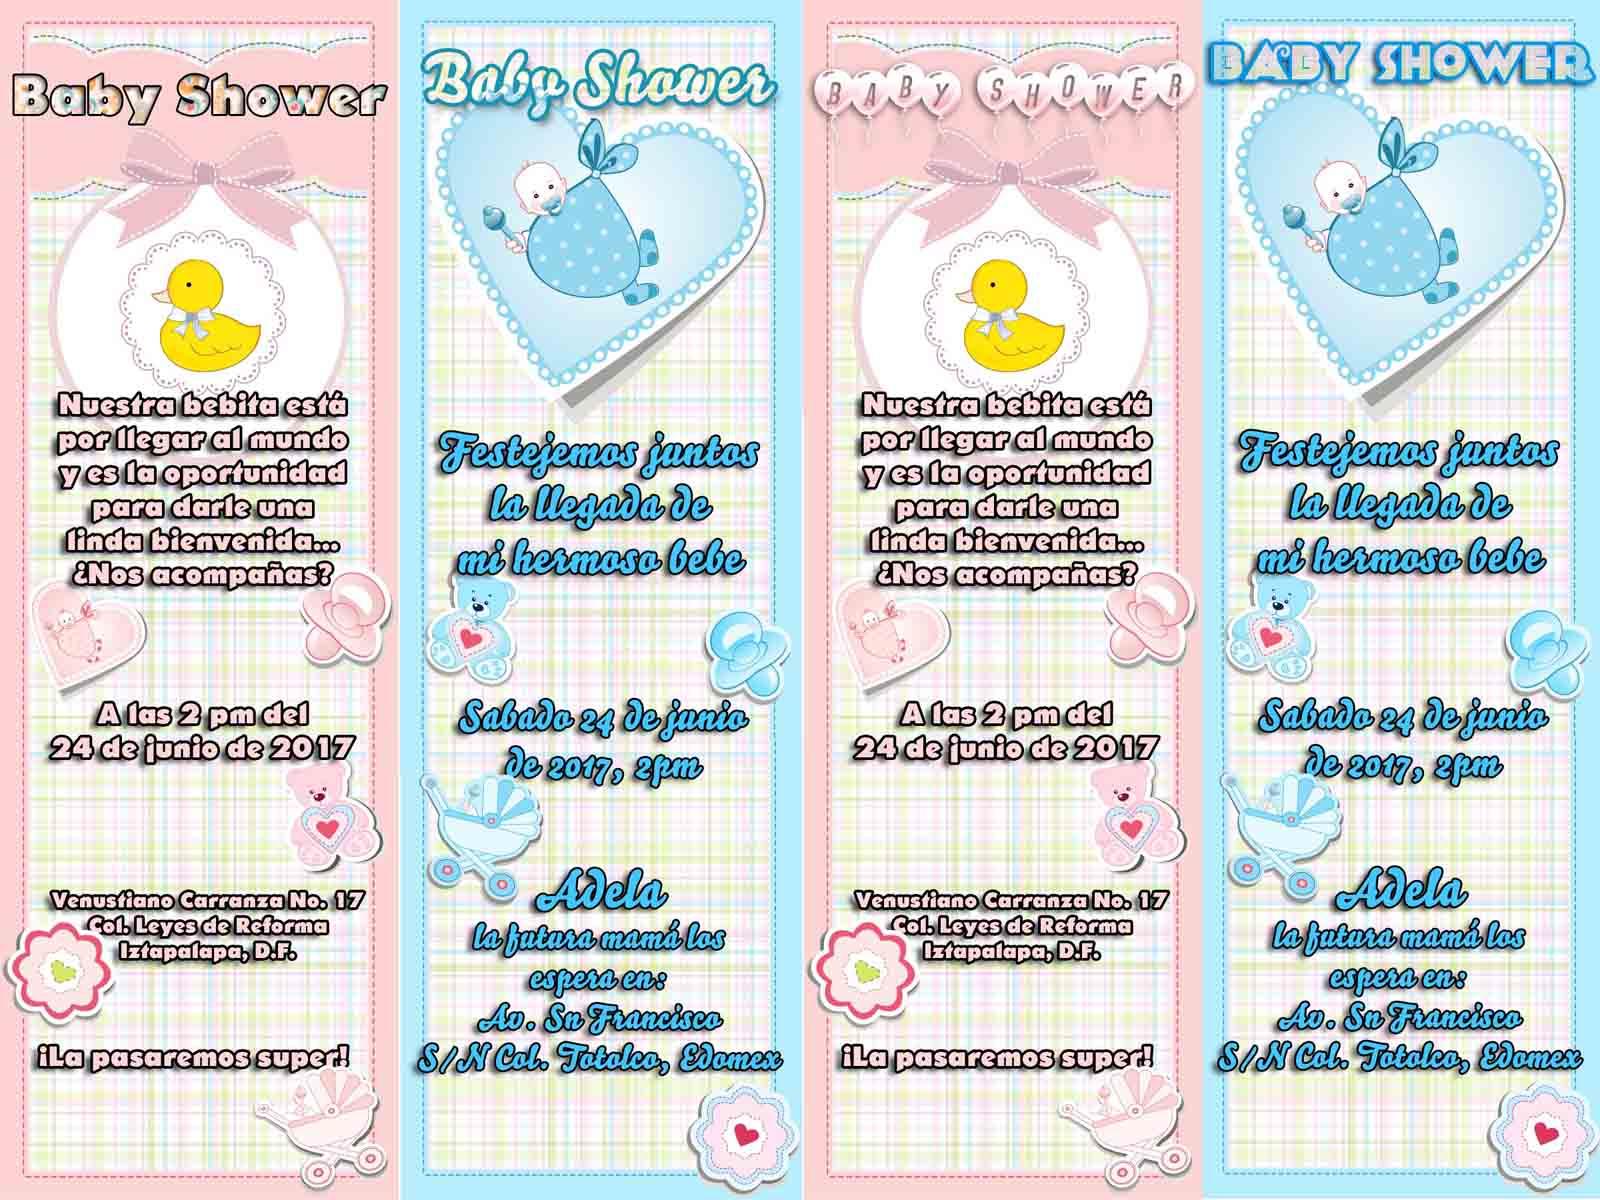 Los Mejores Recuerditos de Baby Shower - Plan the Perfect